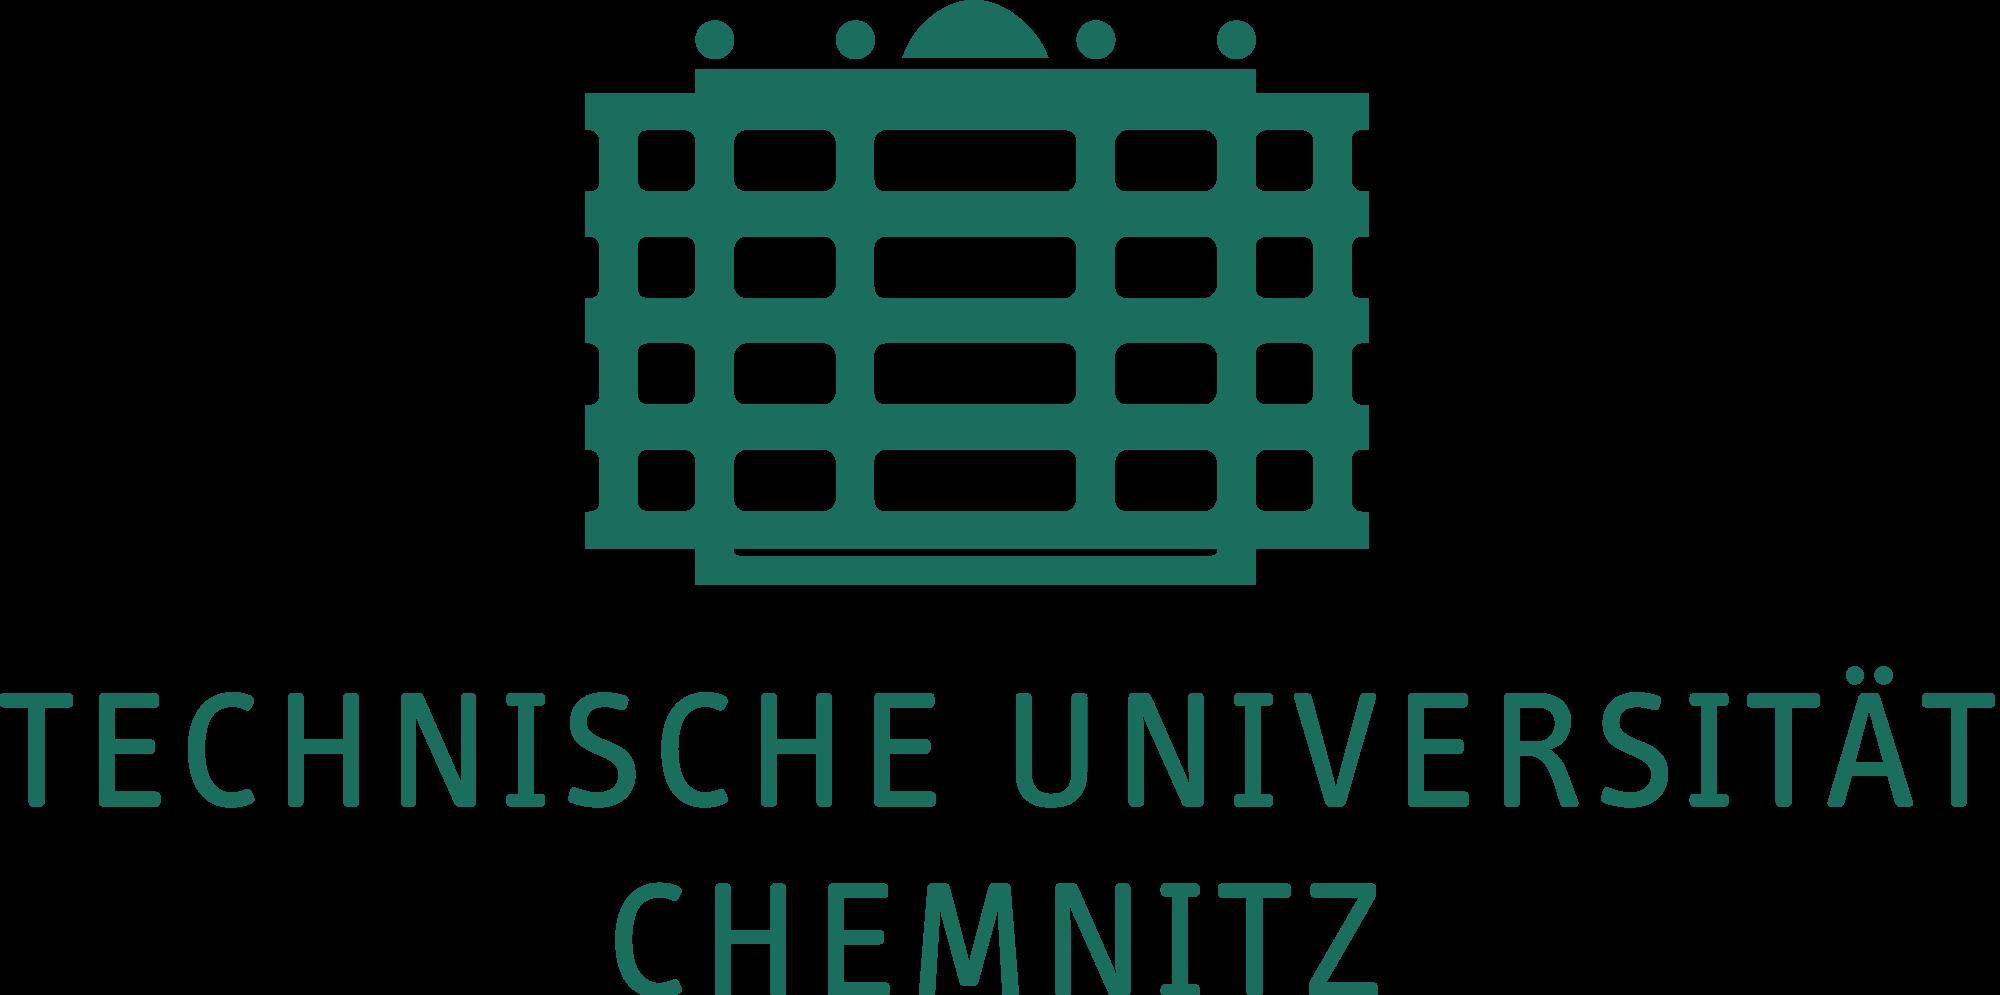 Alumnistrategie für die TU Chemnitz